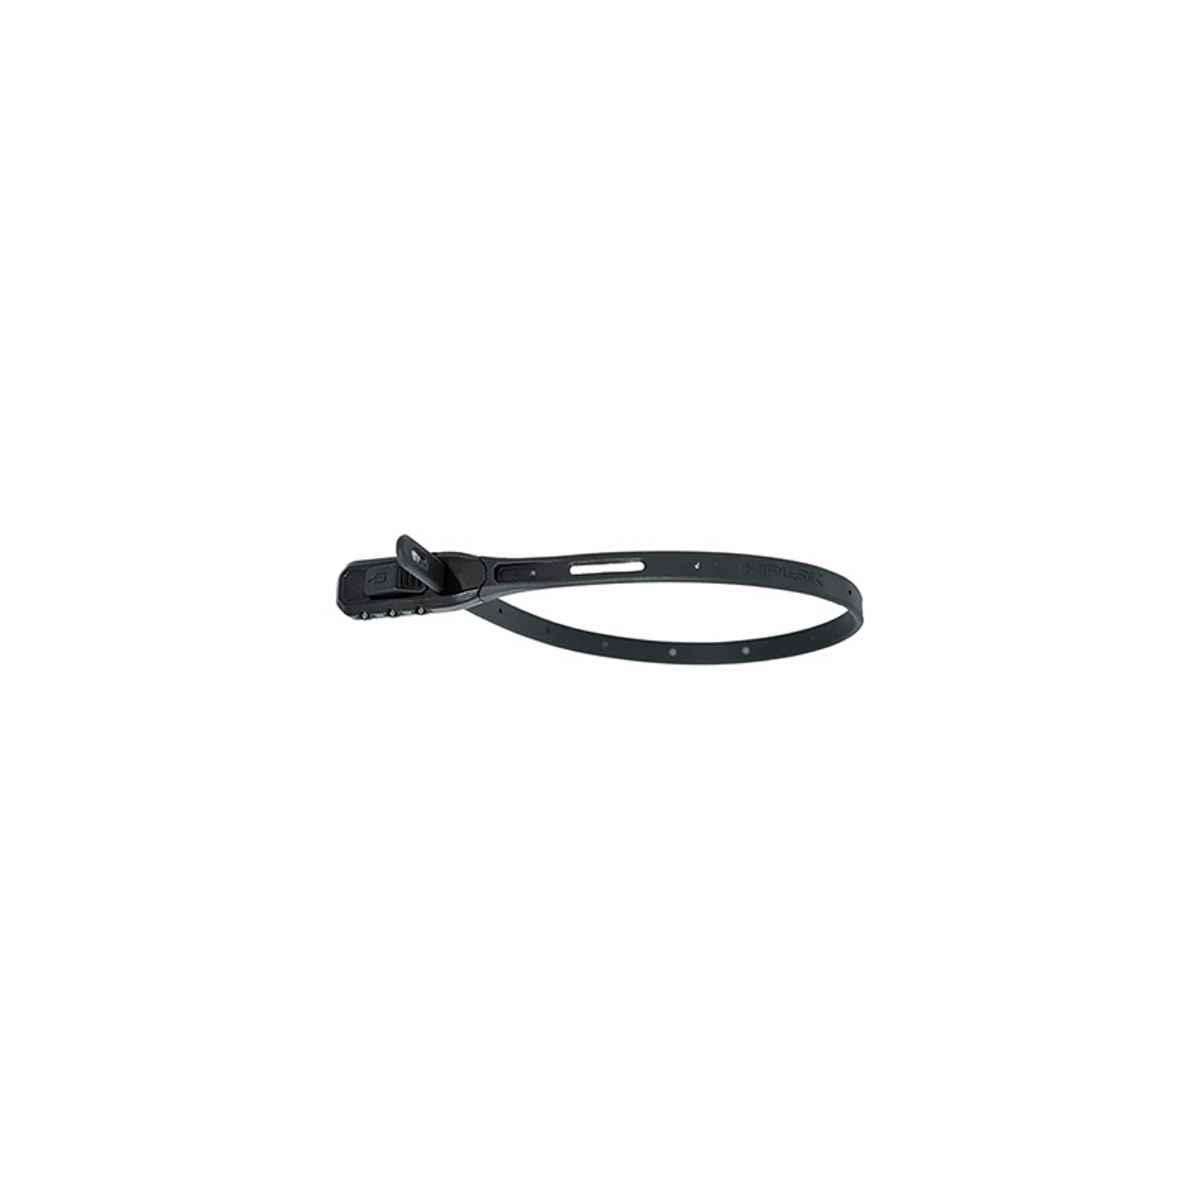 Hiplok Z-Lok Combo Cable Lock Single Teal